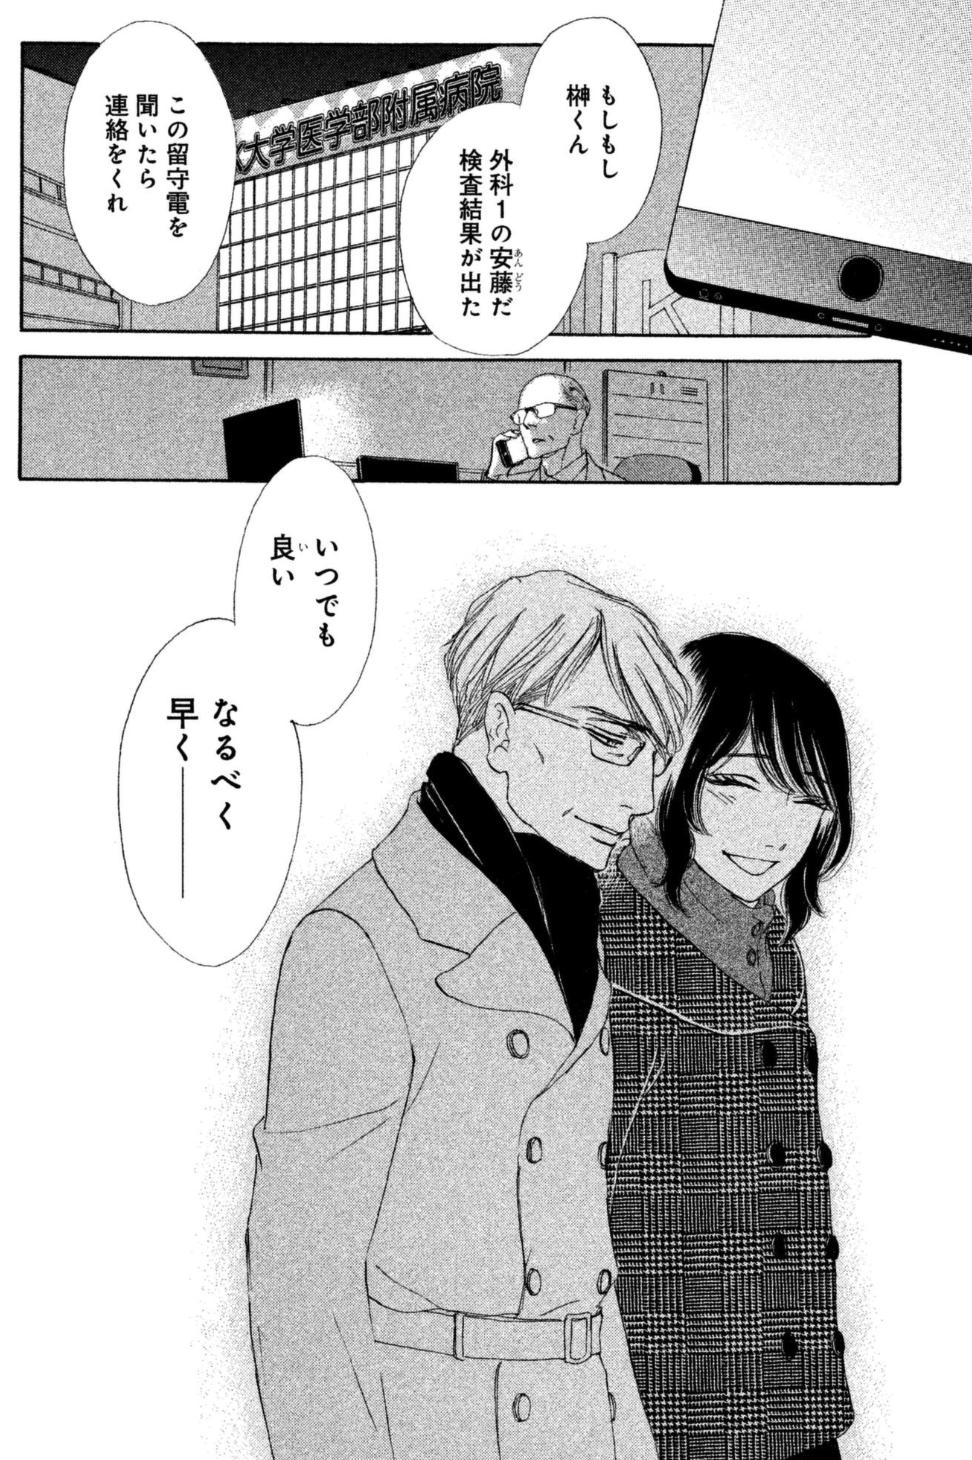 レモン ソーダ 51 ハニー ネタバレ